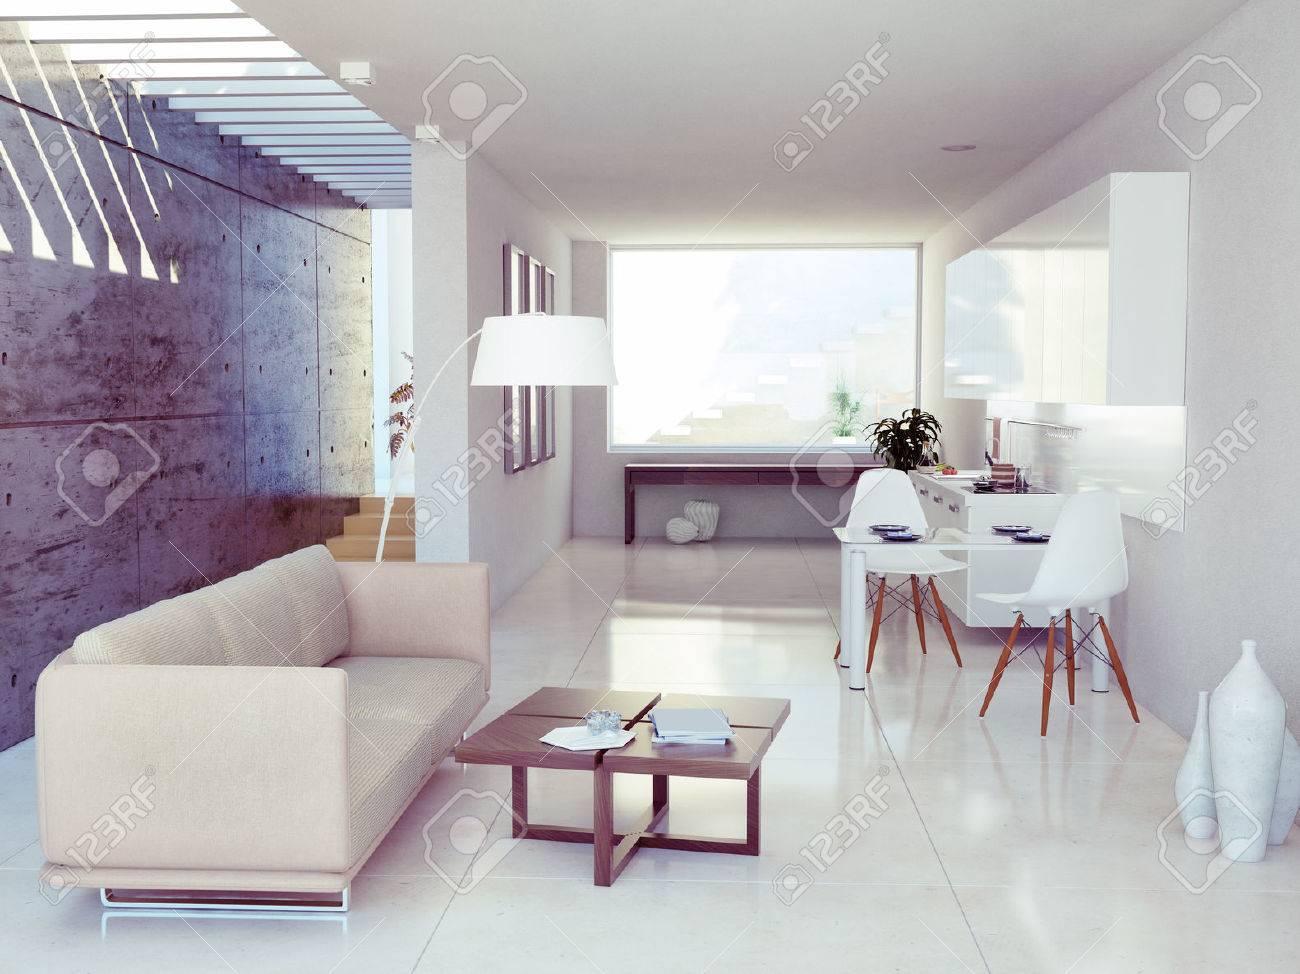 moderne innenarchitektur (wohnung 3d-rendering) lizenzfreie fotos, Innenarchitektur ideen